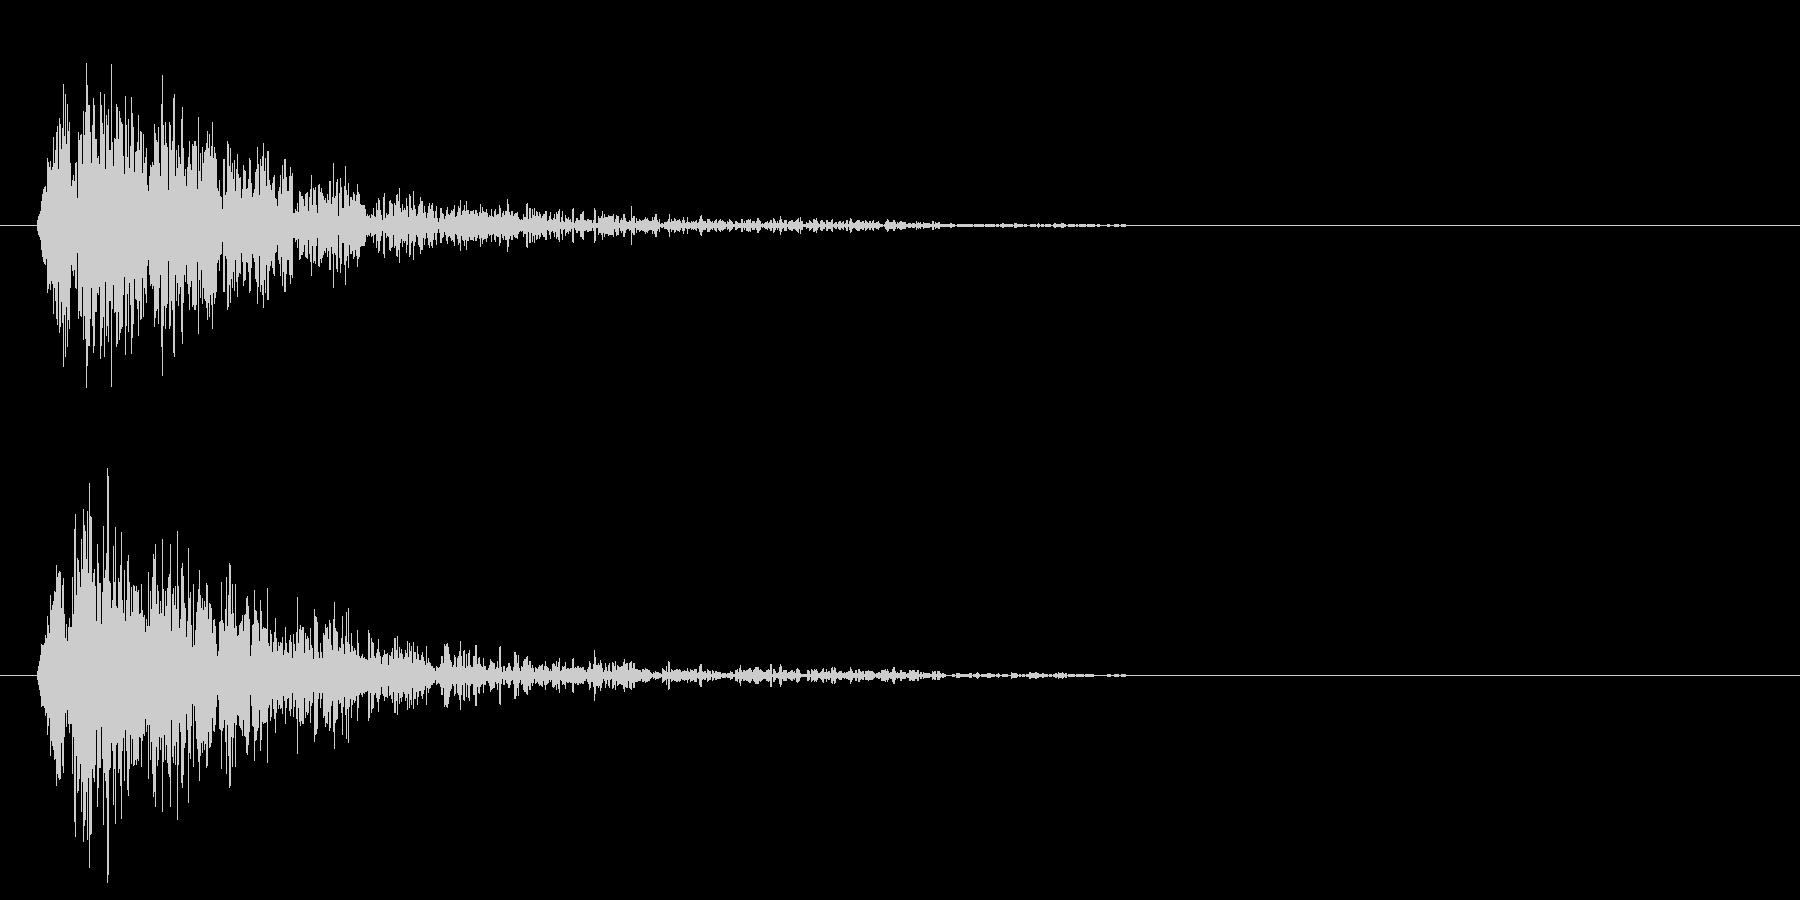 プピャウピャウピャウ(衝撃波)の未再生の波形